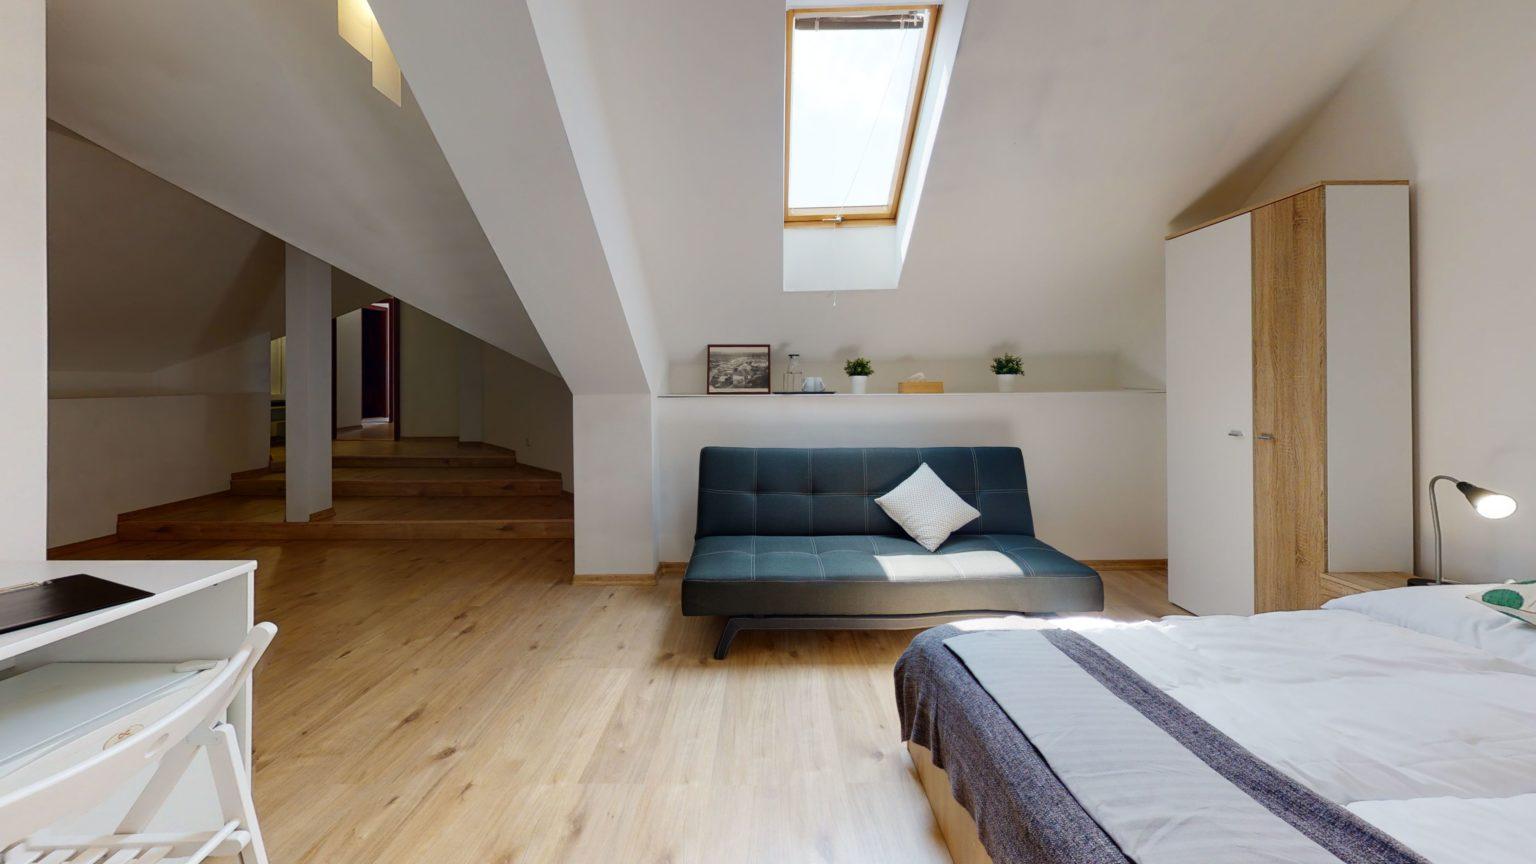 Penzion-Pribina-NR-Bedroom (6)